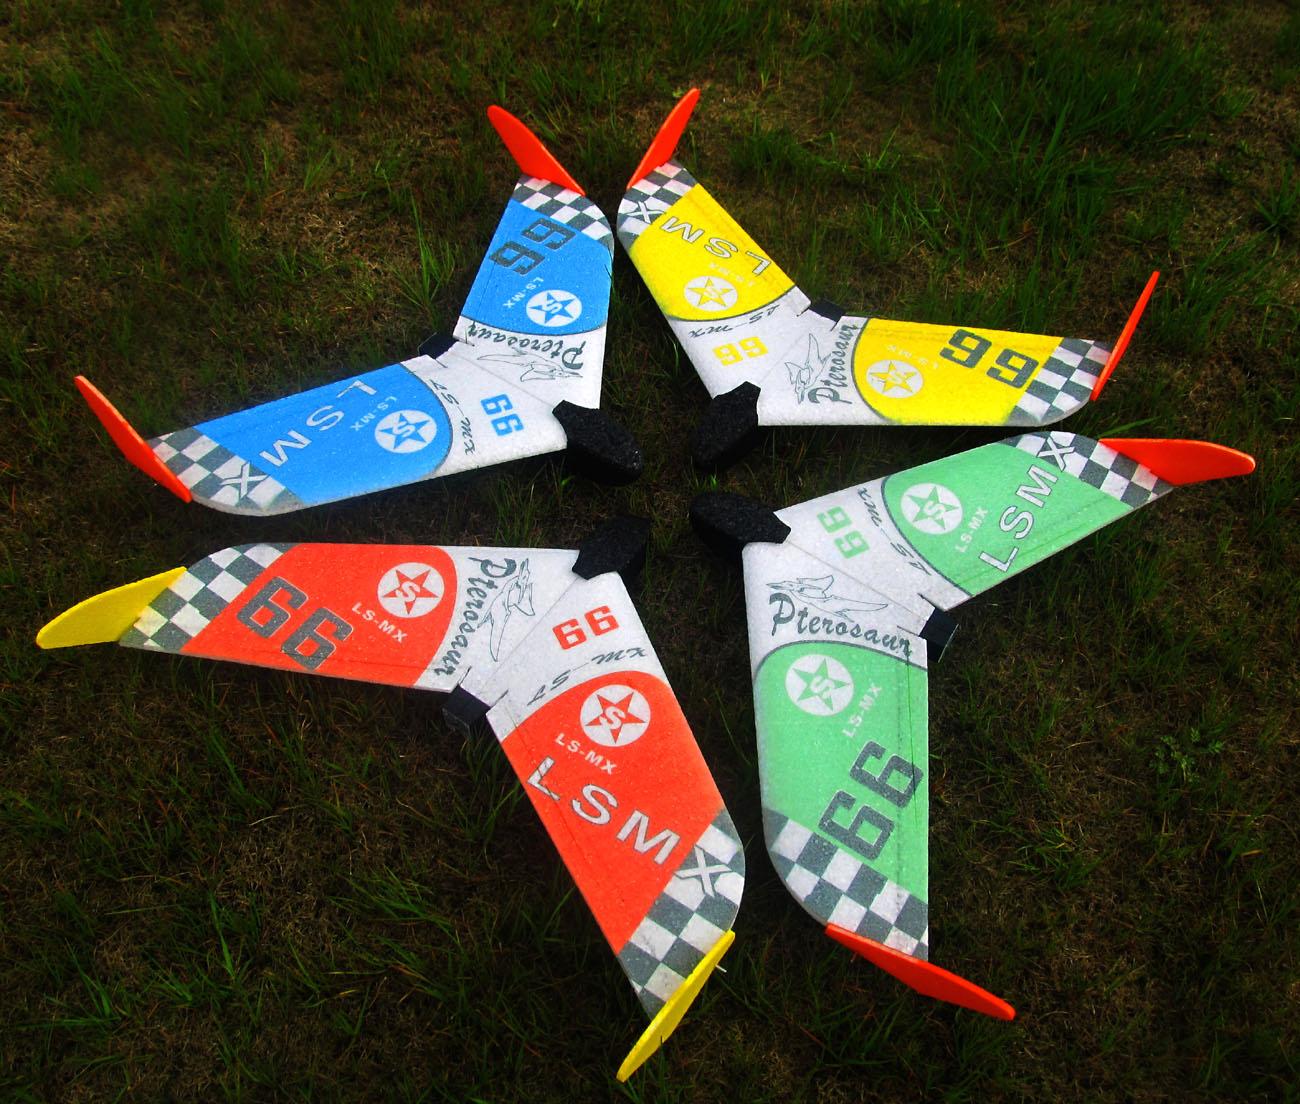 Spirit 600mm Wingspan EPP FPV Racer Flying Wing RC Airplane KIT - Photo: 3